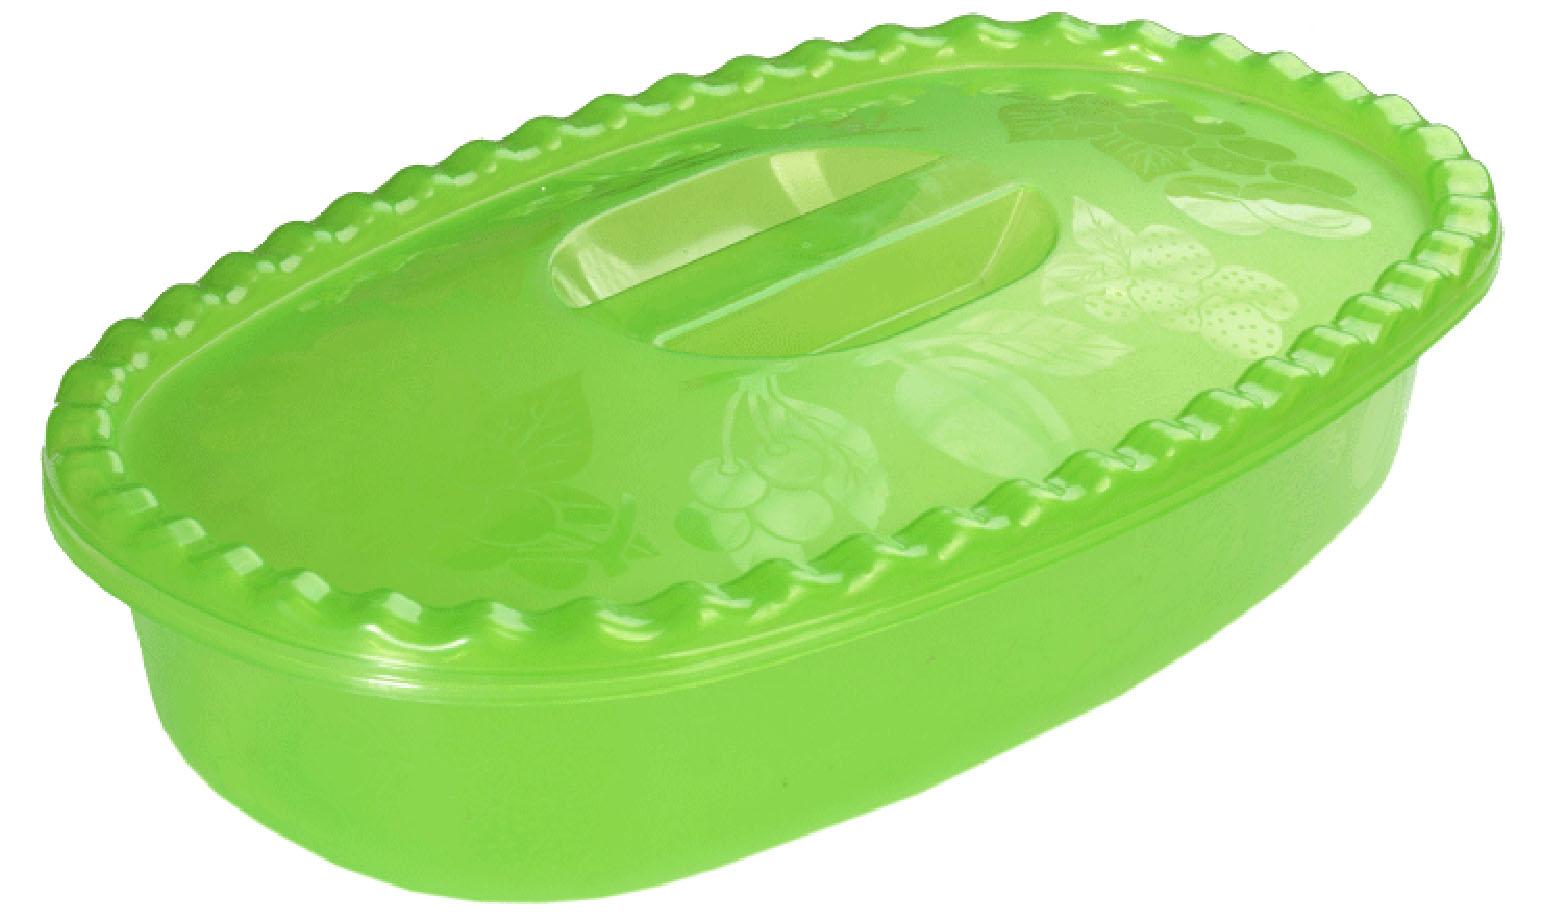 Миска Idea, с крышкой, цвет: салатовый, 2,7 л миска moderna smarty bowl с антискольжением цвет бордовый 19 х 7 см